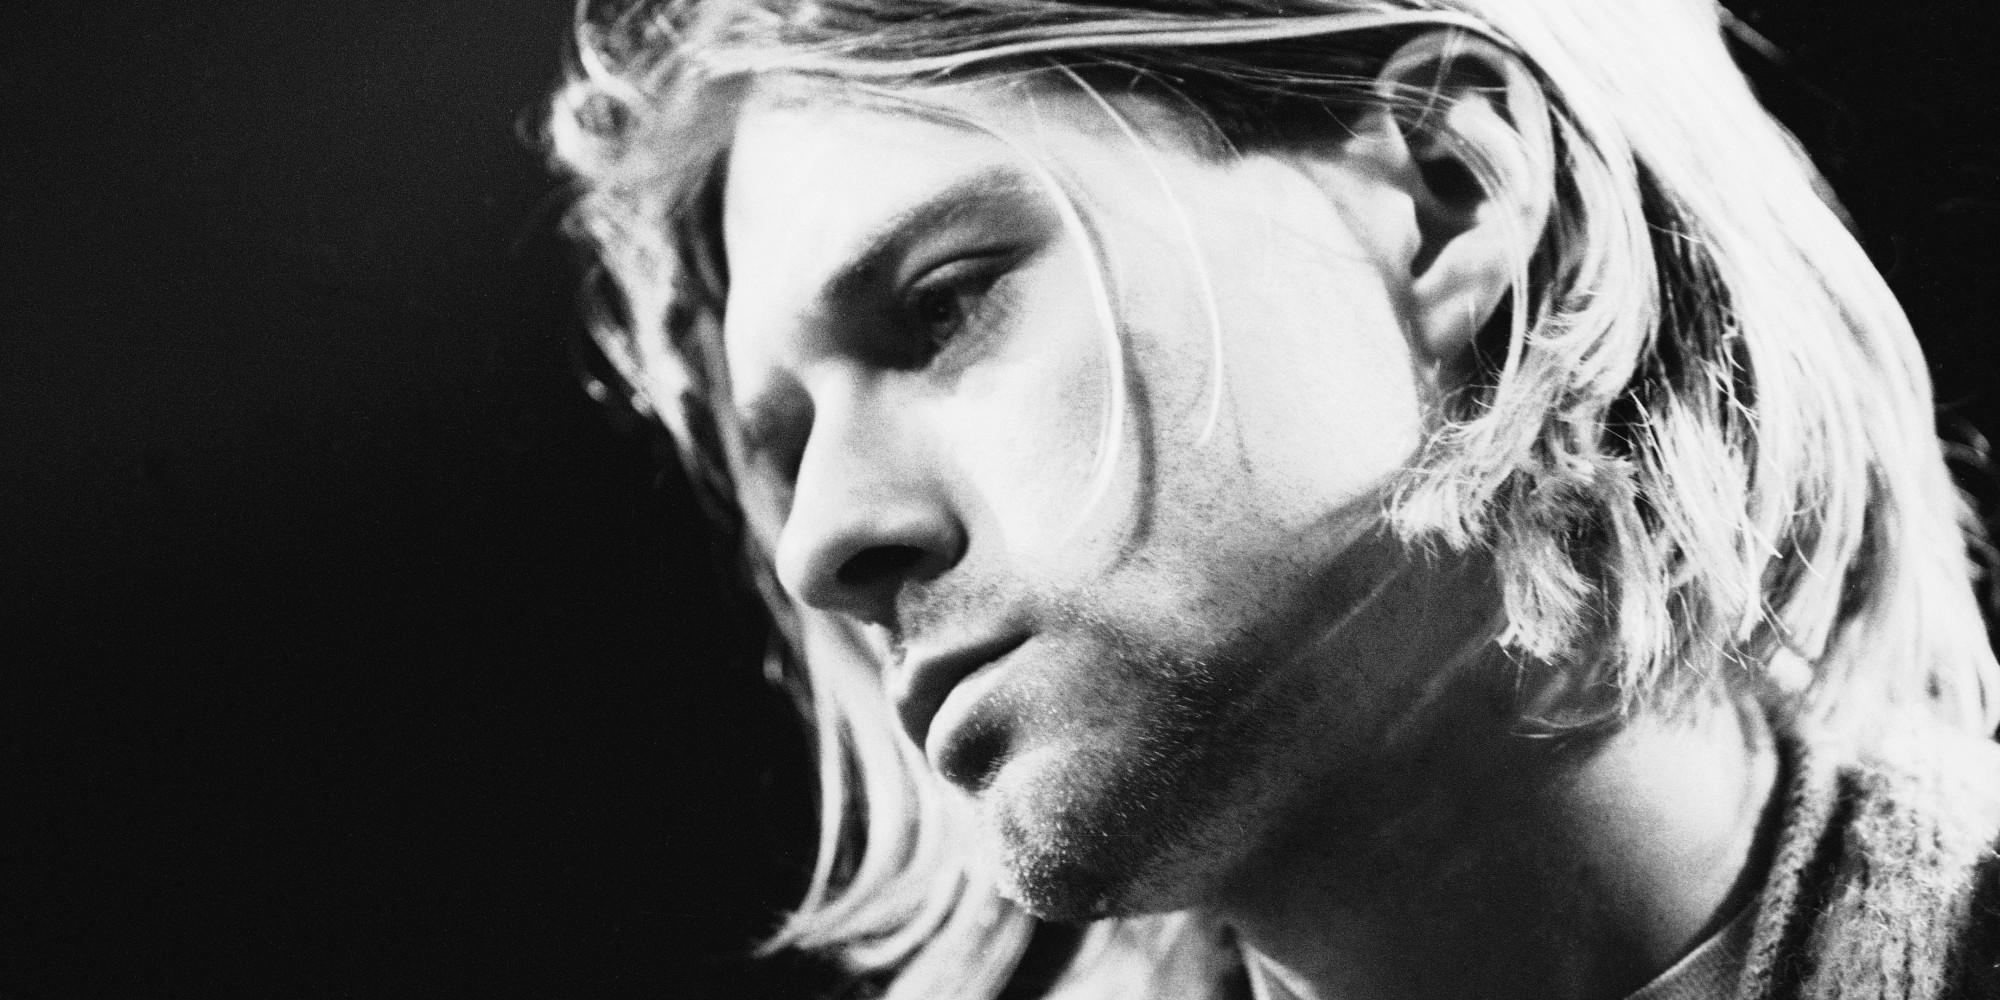 kurt cobain - photo #8